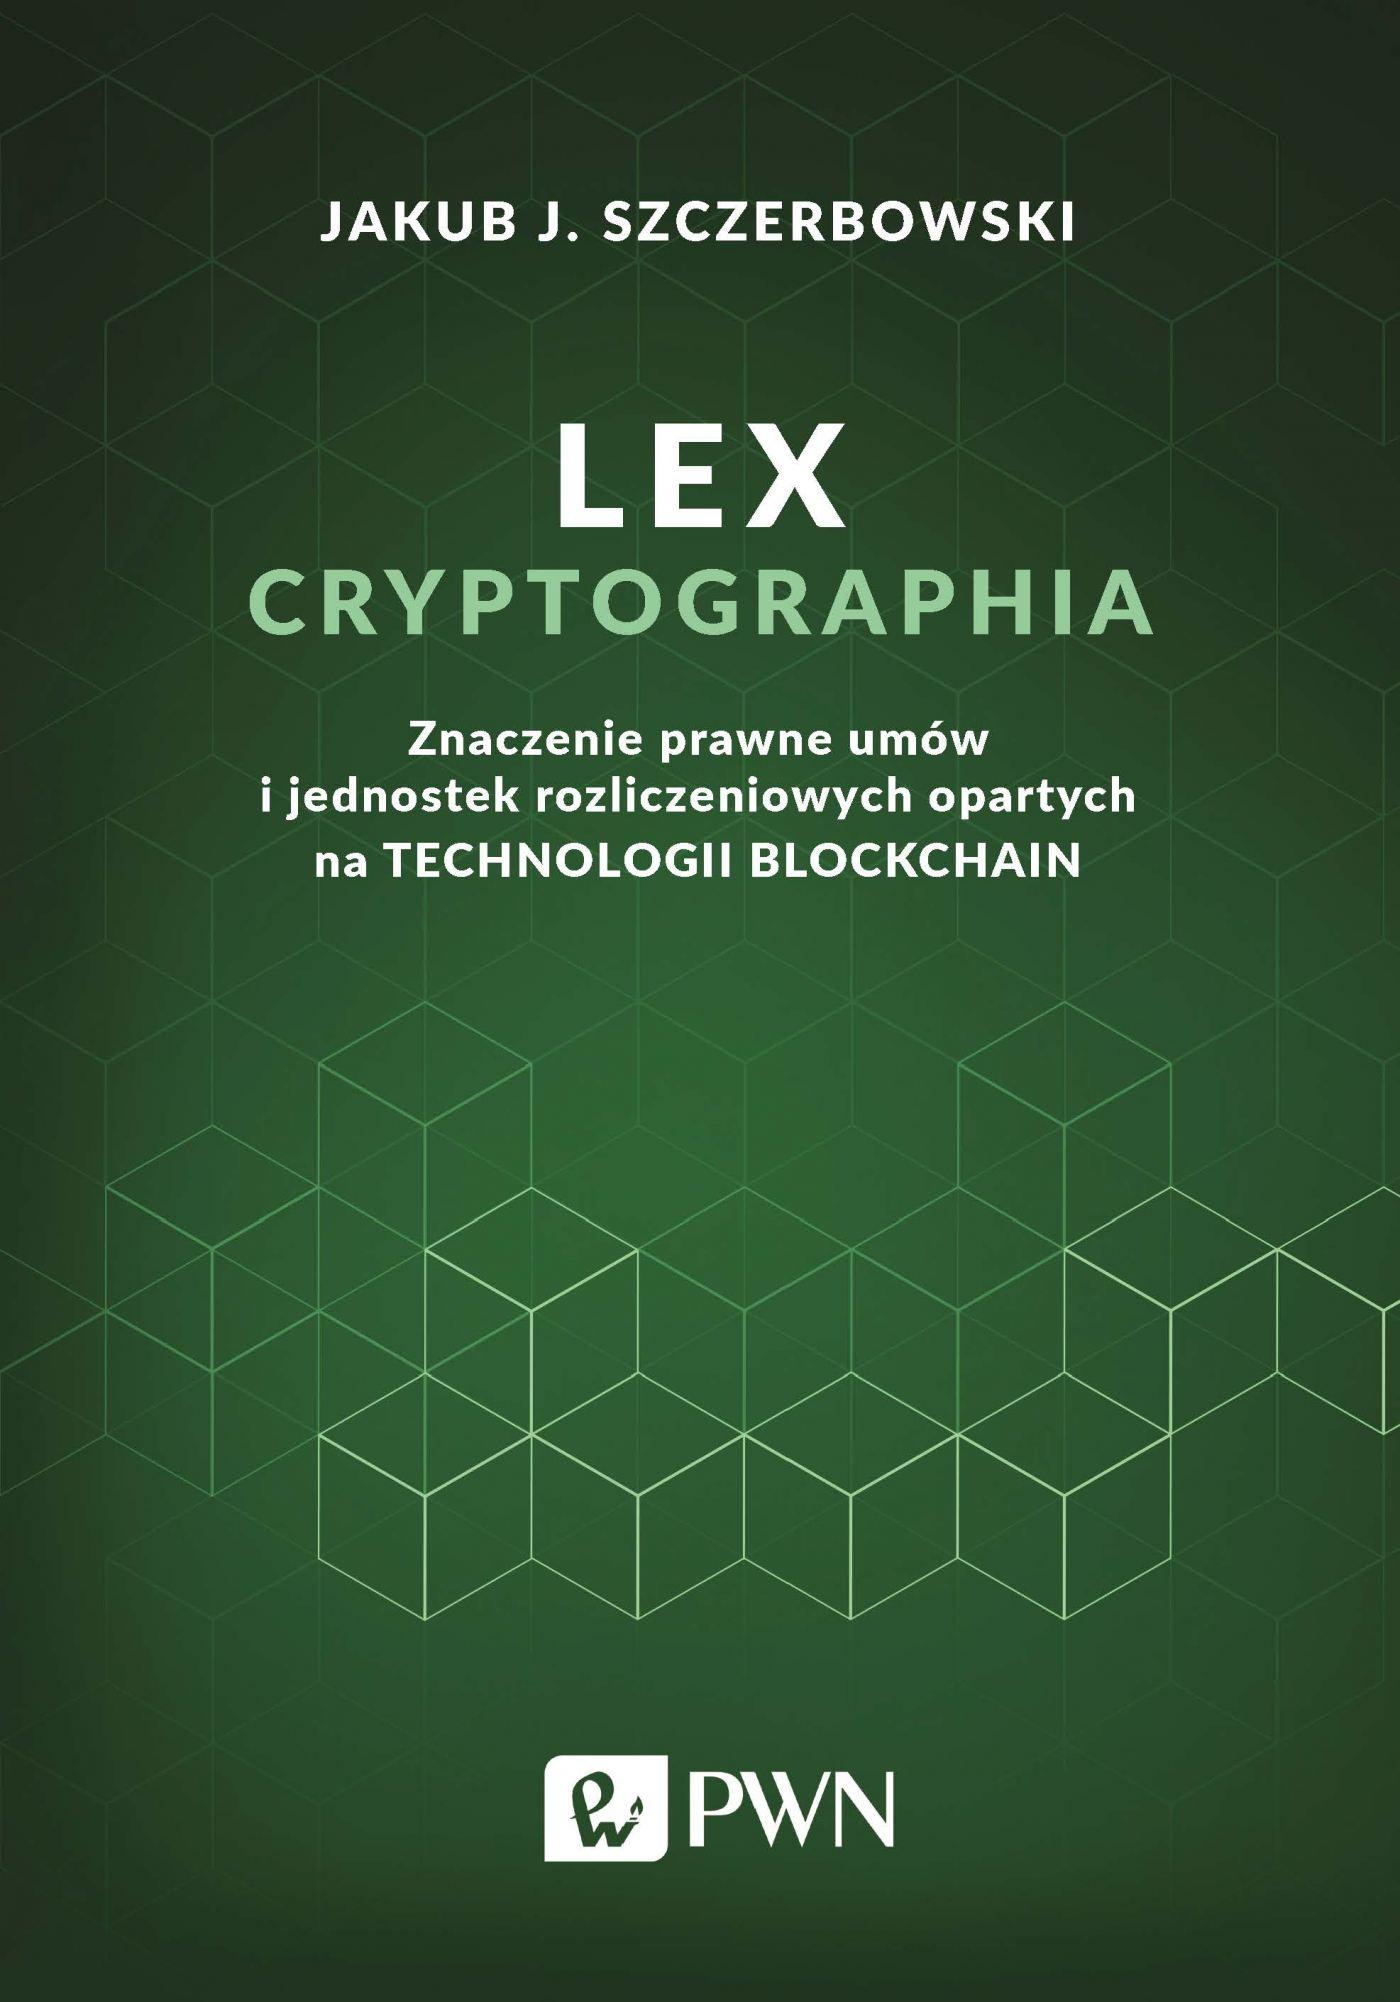 Lex cryptographia. Znaczenie prawne umów i jednostek rozliczeniowych opartych na technologii blockchain - Ebook (Książka EPUB) do pobrania w formacie EPUB